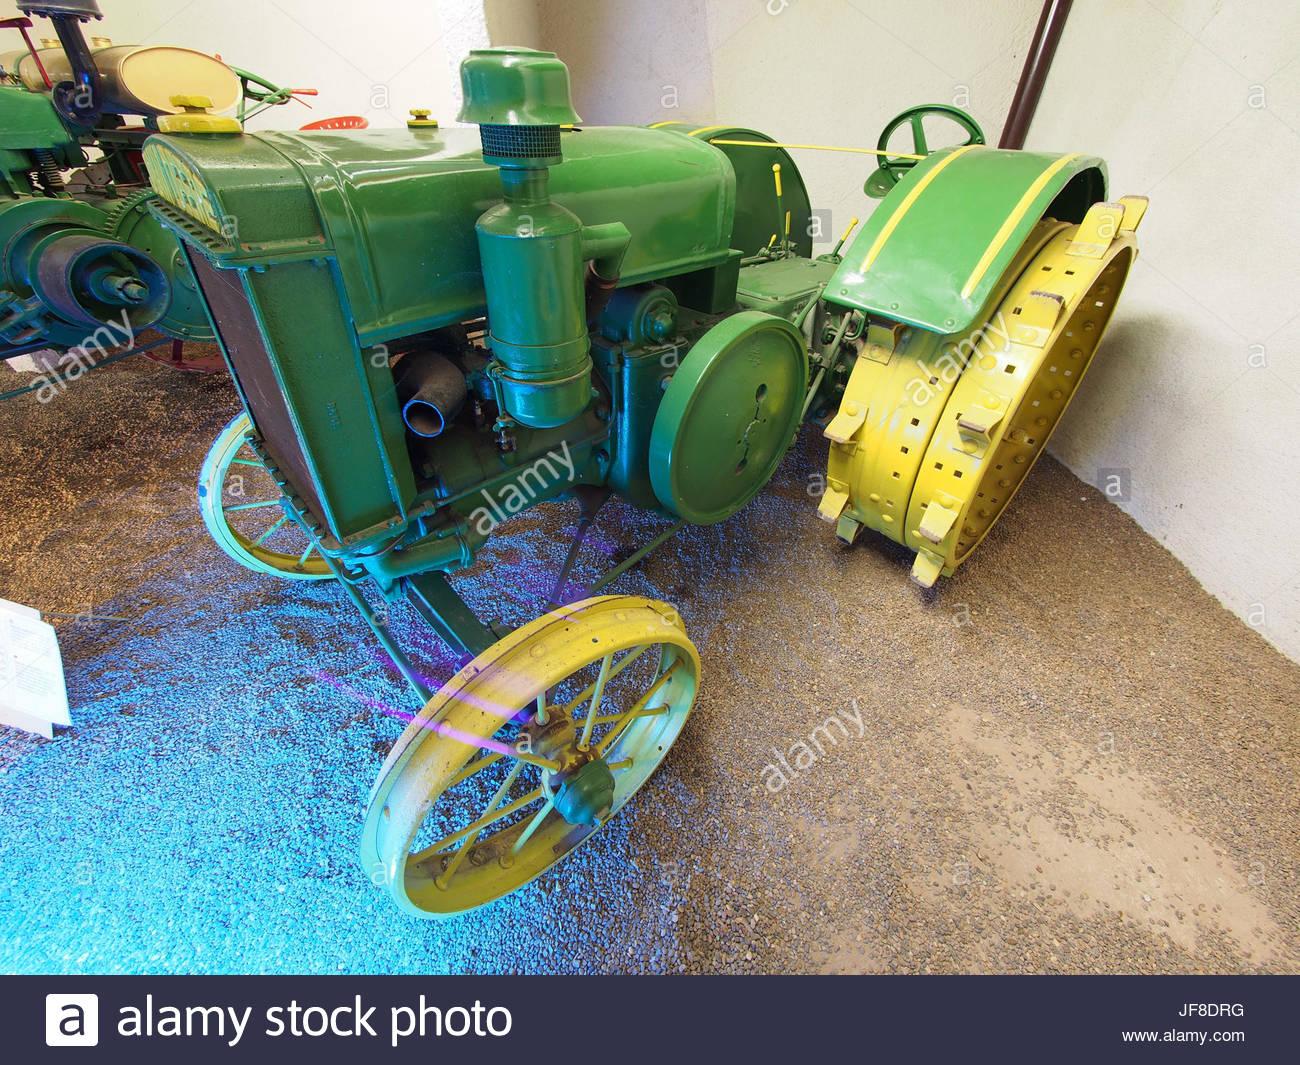 1929 Tracteur John Deere, Musée Maurice Dufresne Photo 1 intérieur Image Tracteur John Deere